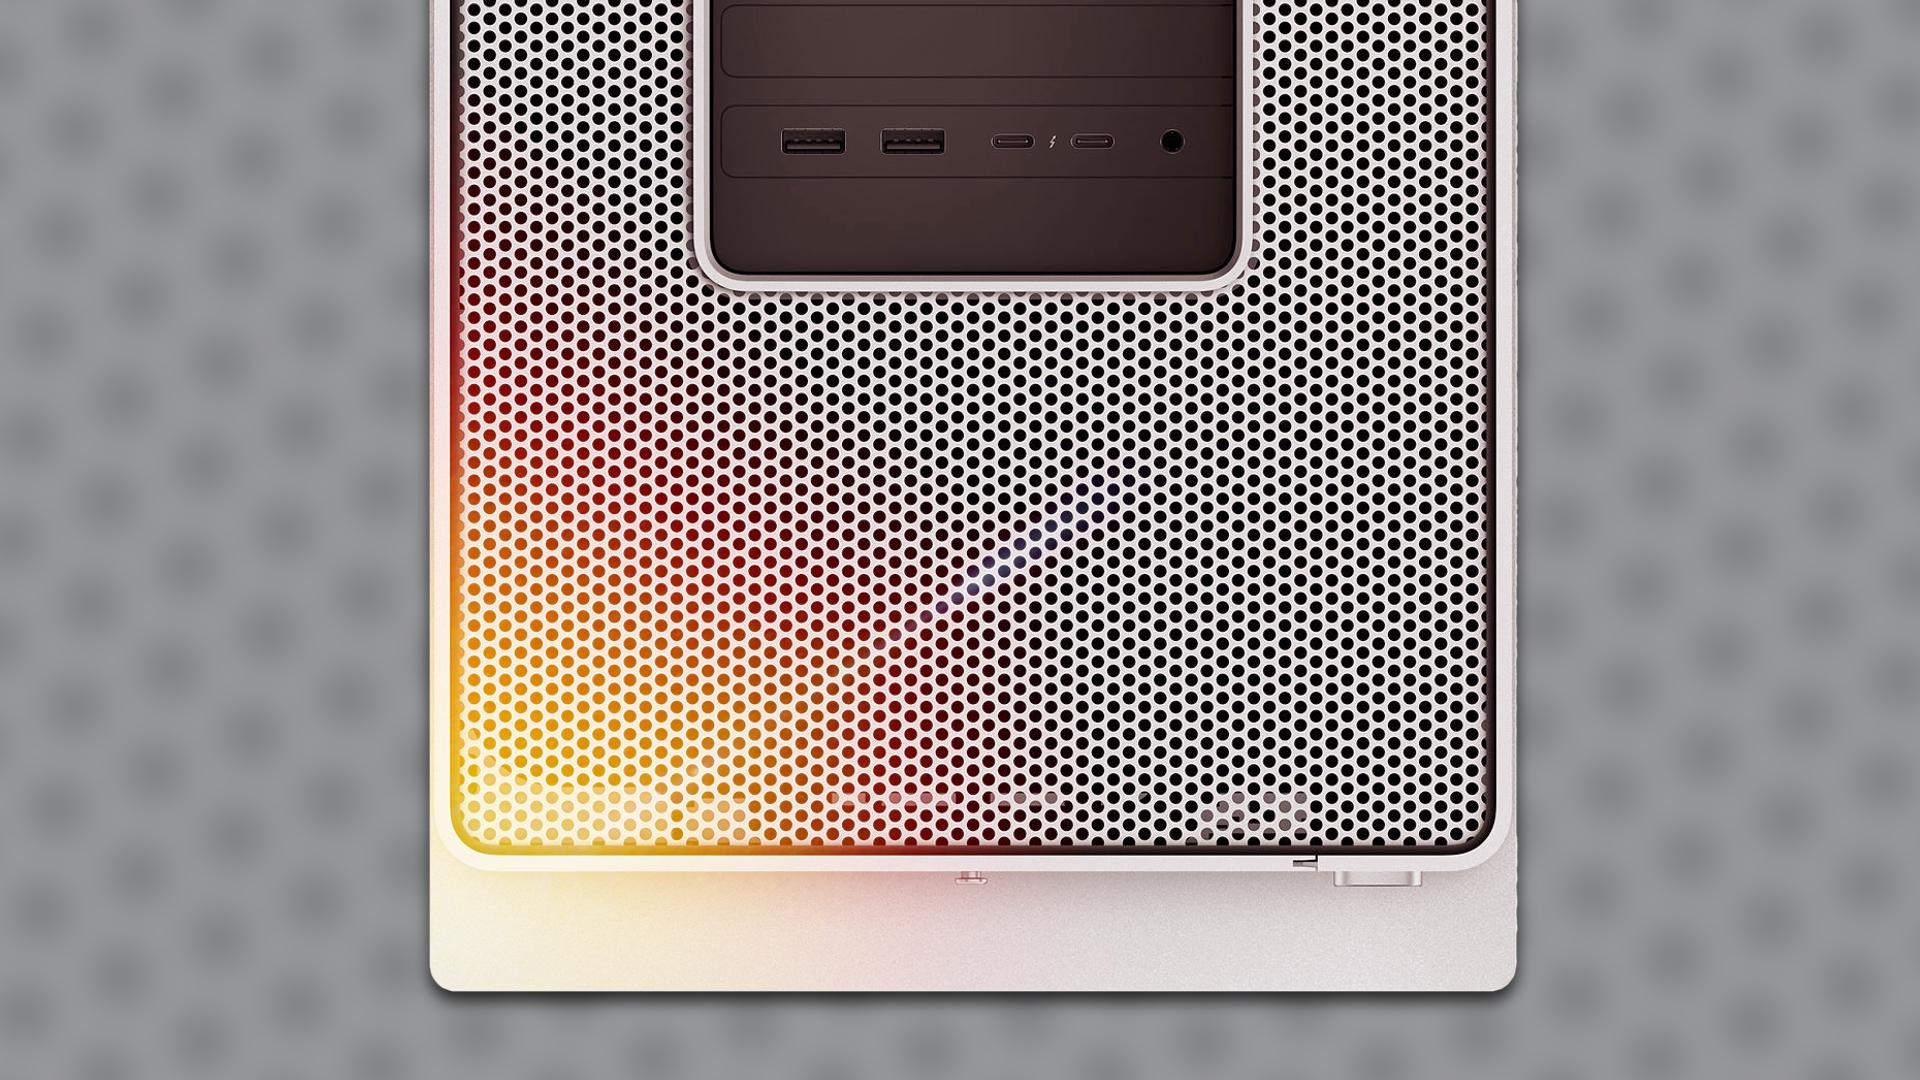 Apple verkauft neuen Mac: Wer braucht denn diesen Rechner?